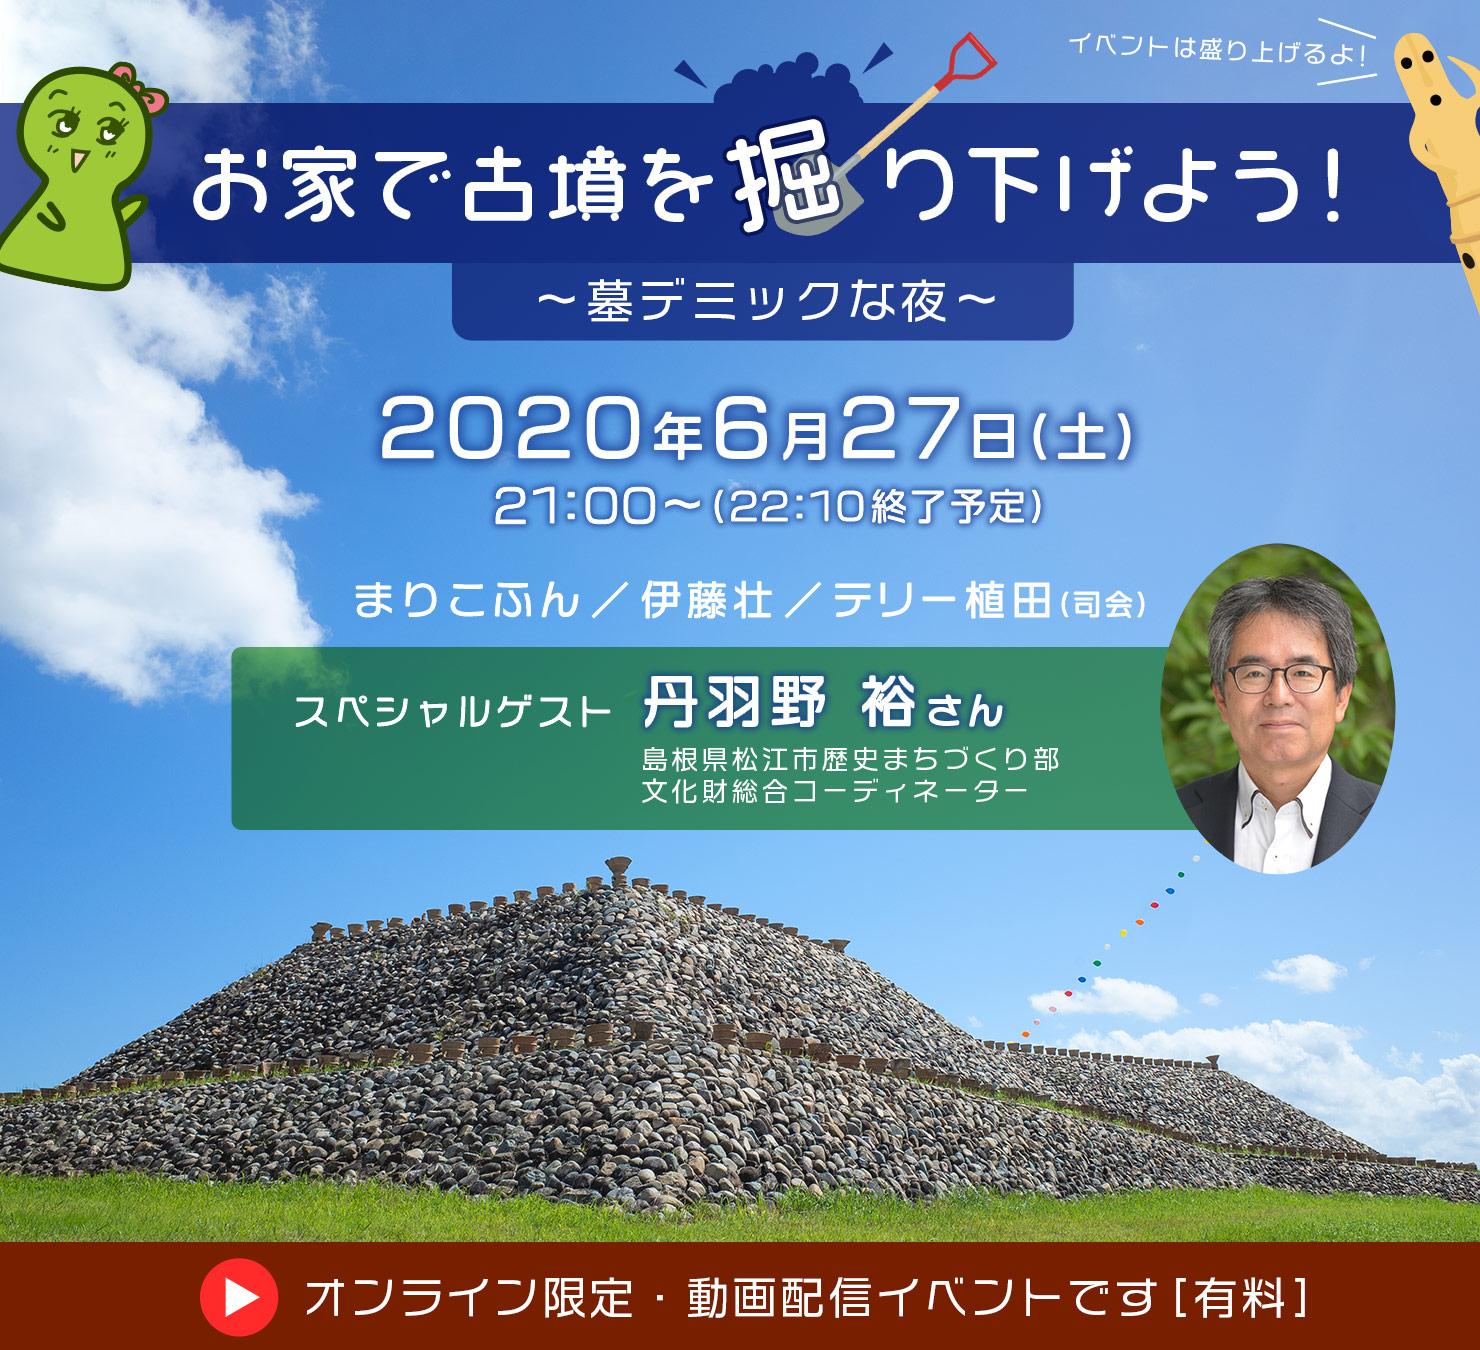 【オンラインイベント開催】お家で古墳を掘り下げよう!〜墓デミックな夜〜(6月27日)